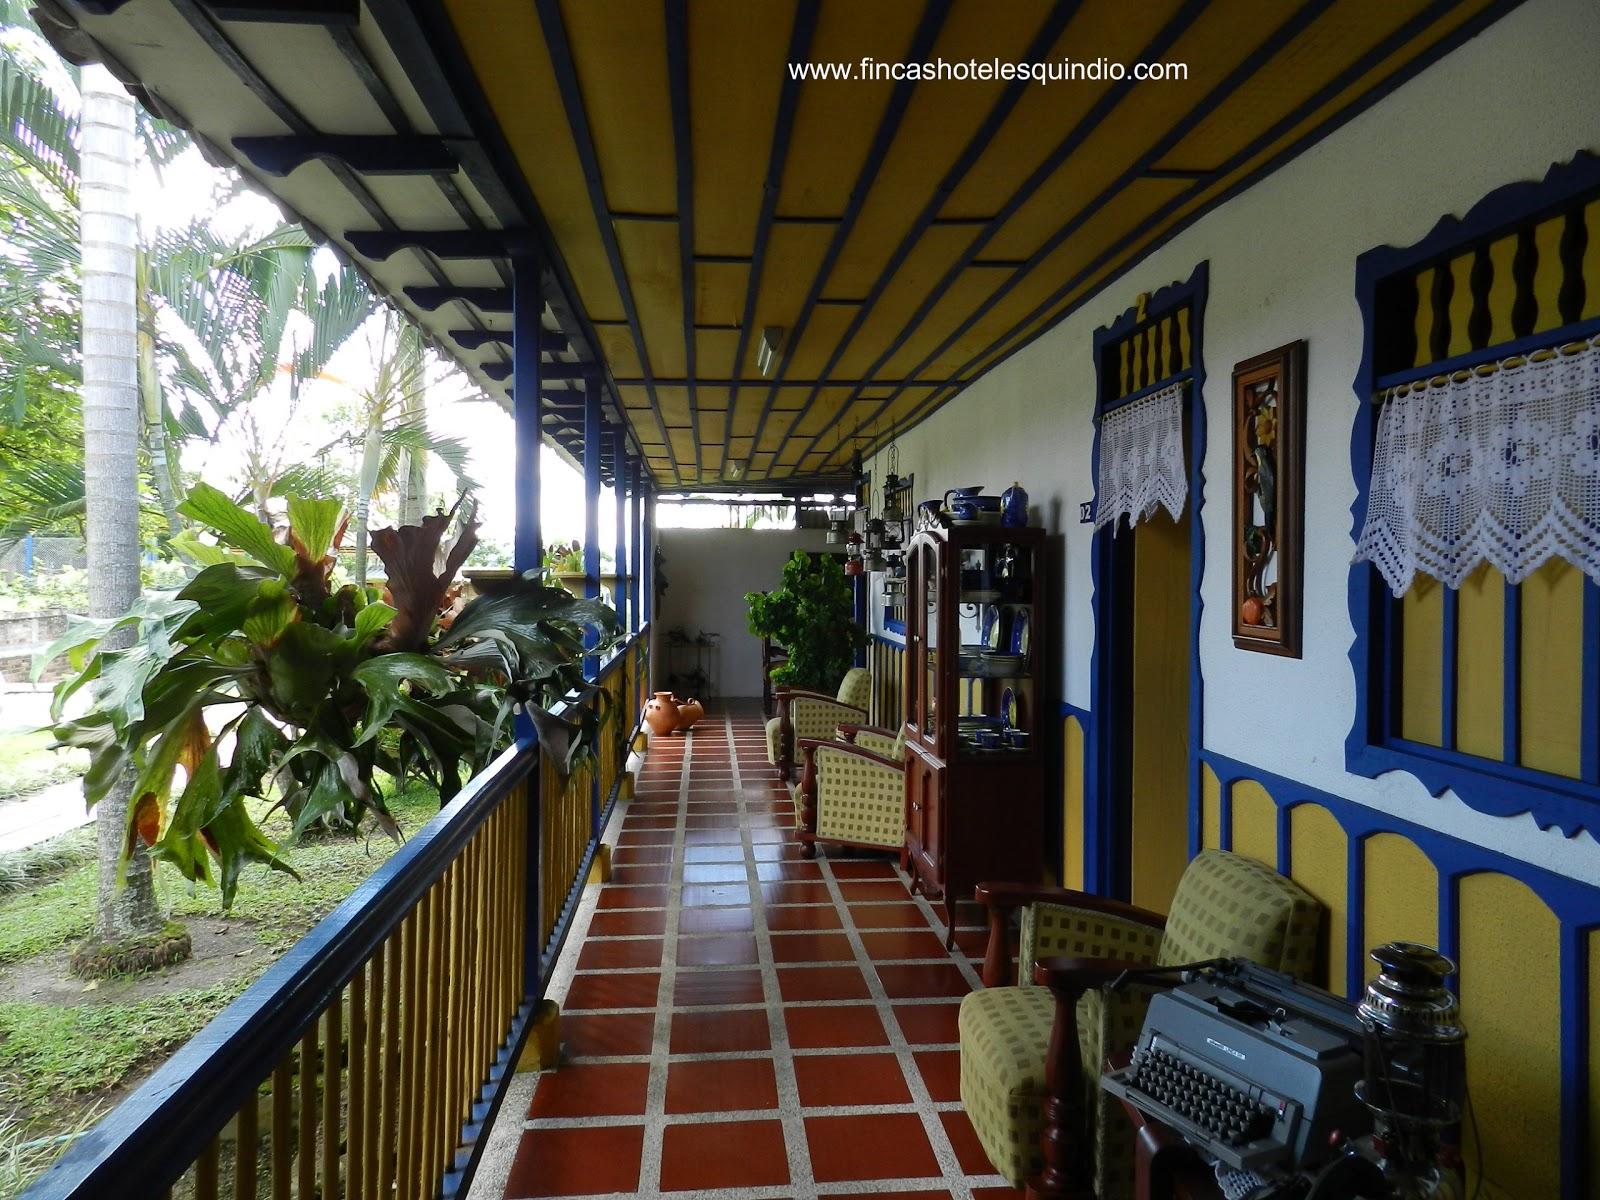 Paisaje cultural cafetero arquitectura colonial antioque a - Corredores de fincas rusticas ...